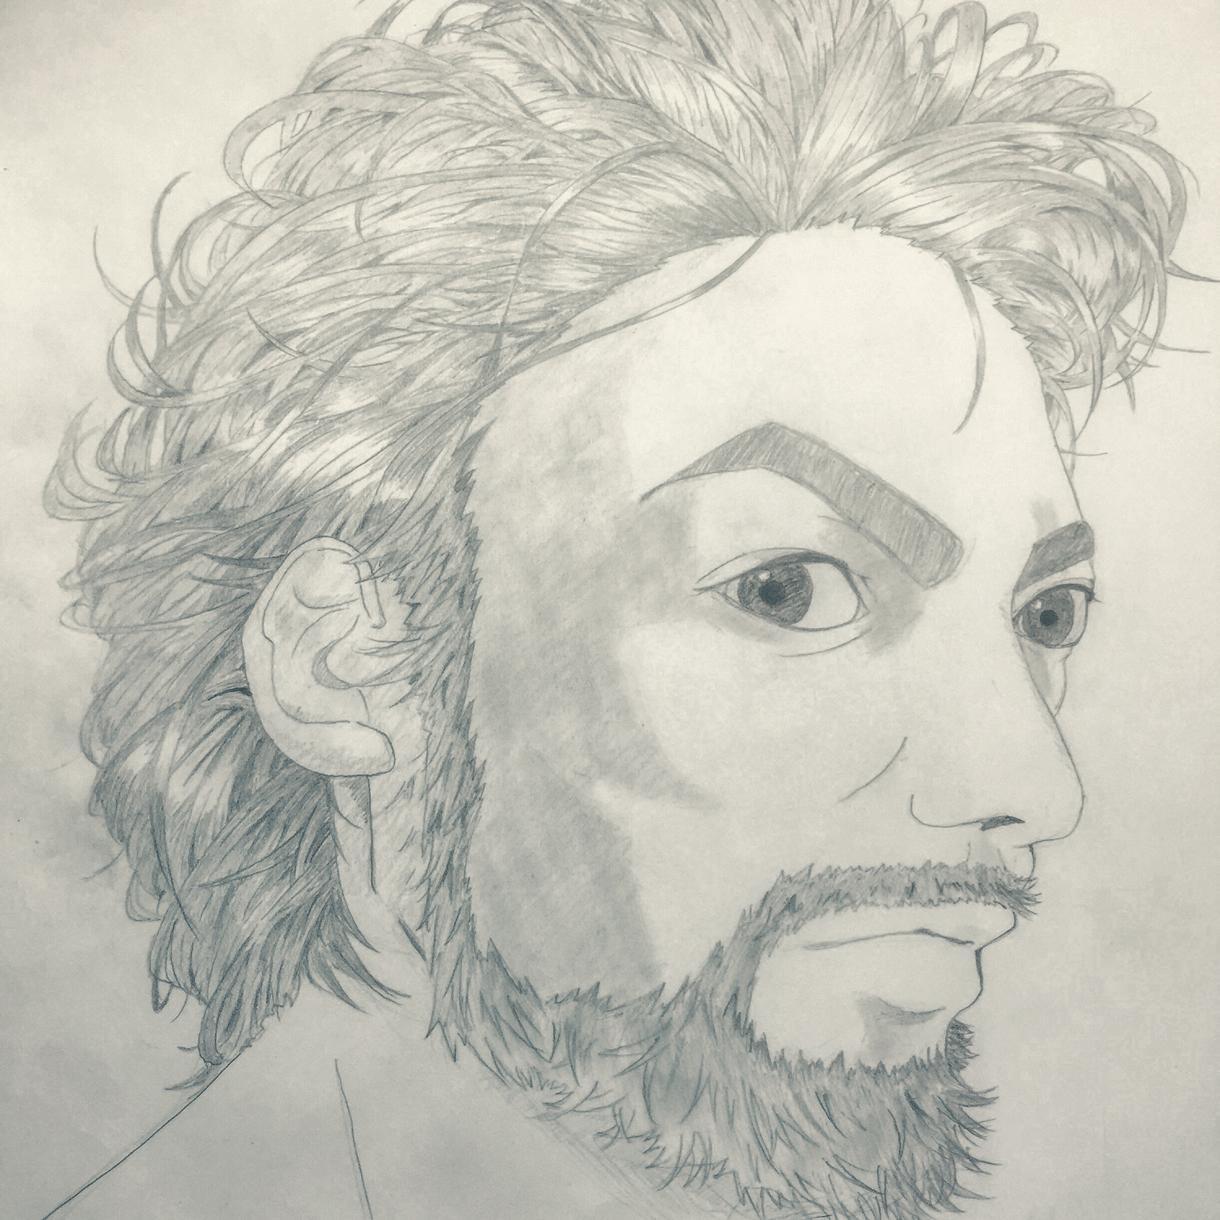 完全無料!漫画風似顔絵でカッコよくあなたを描きます 手作りの、世界に一枚しかない似顔絵が欲しい方に!